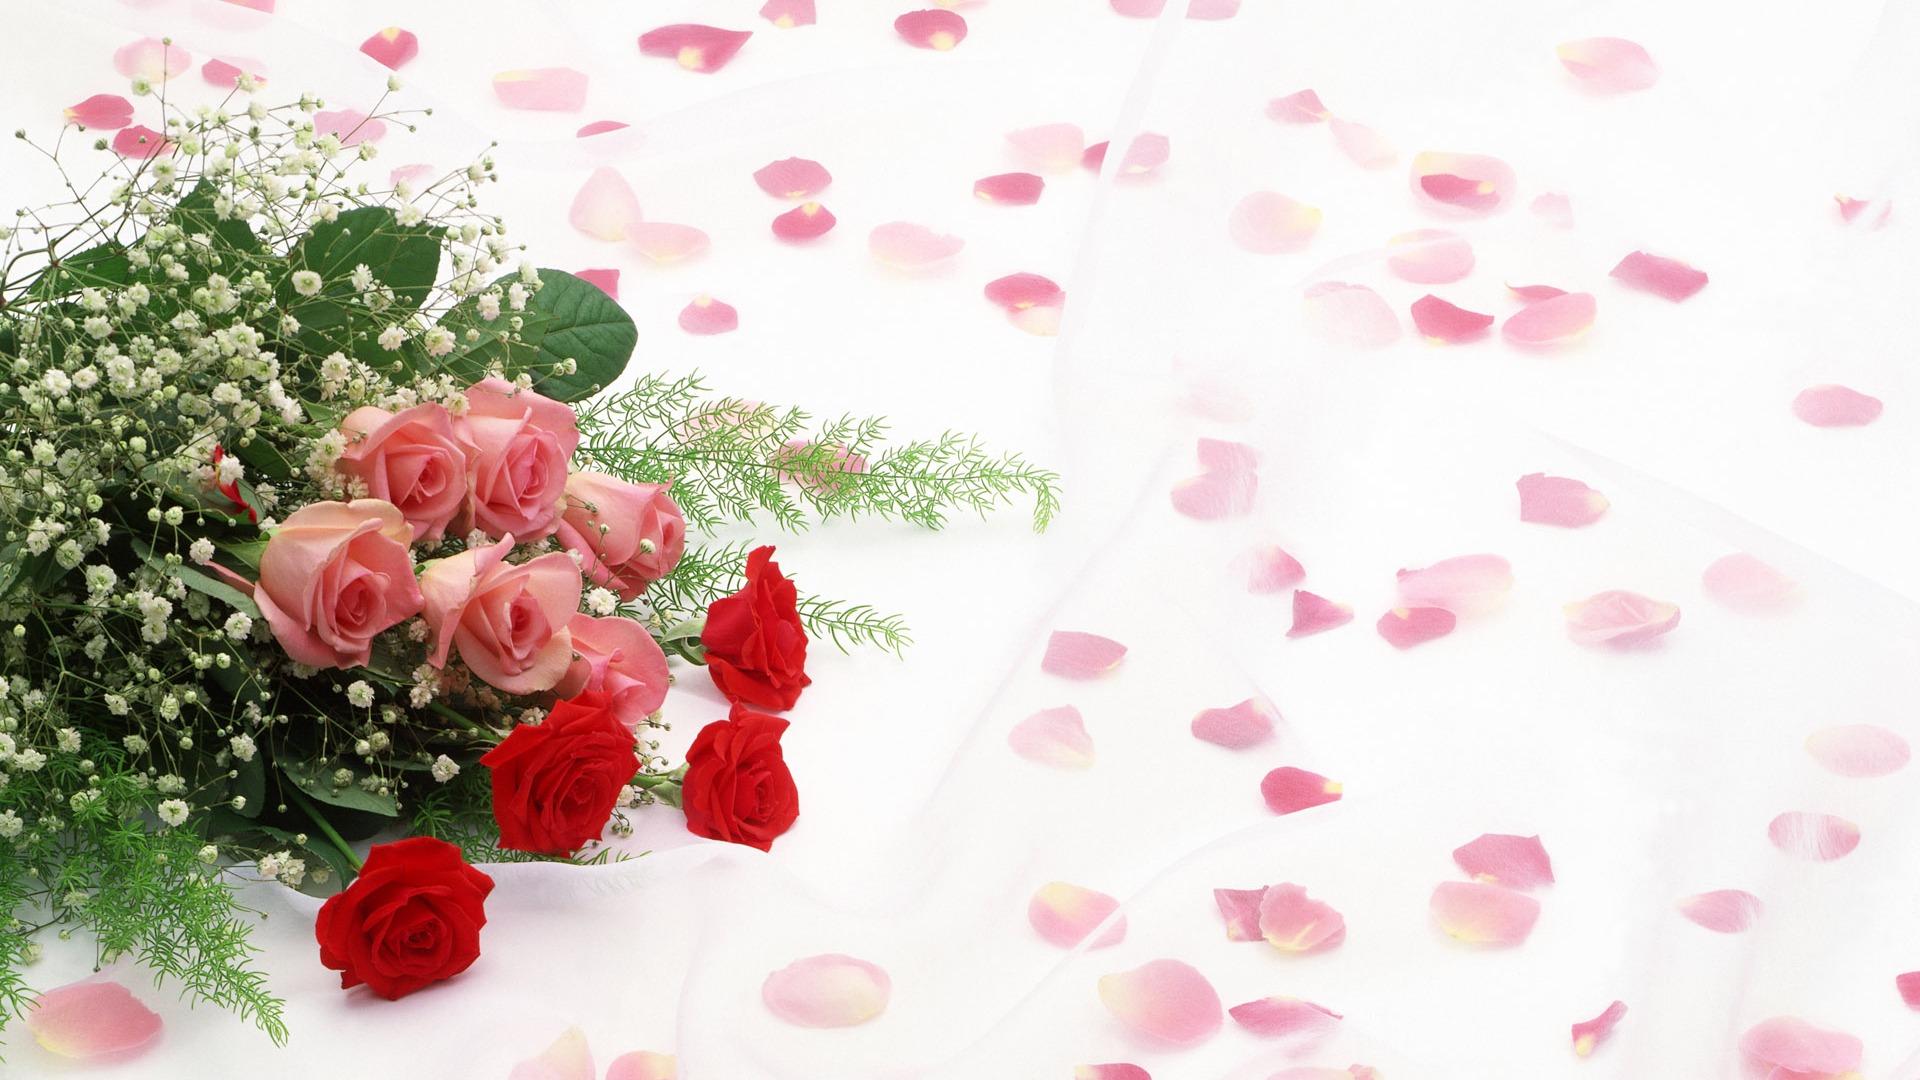 Flores Boda Artículos Fondos De Pantalla 1 6 1920x1080 Fondos